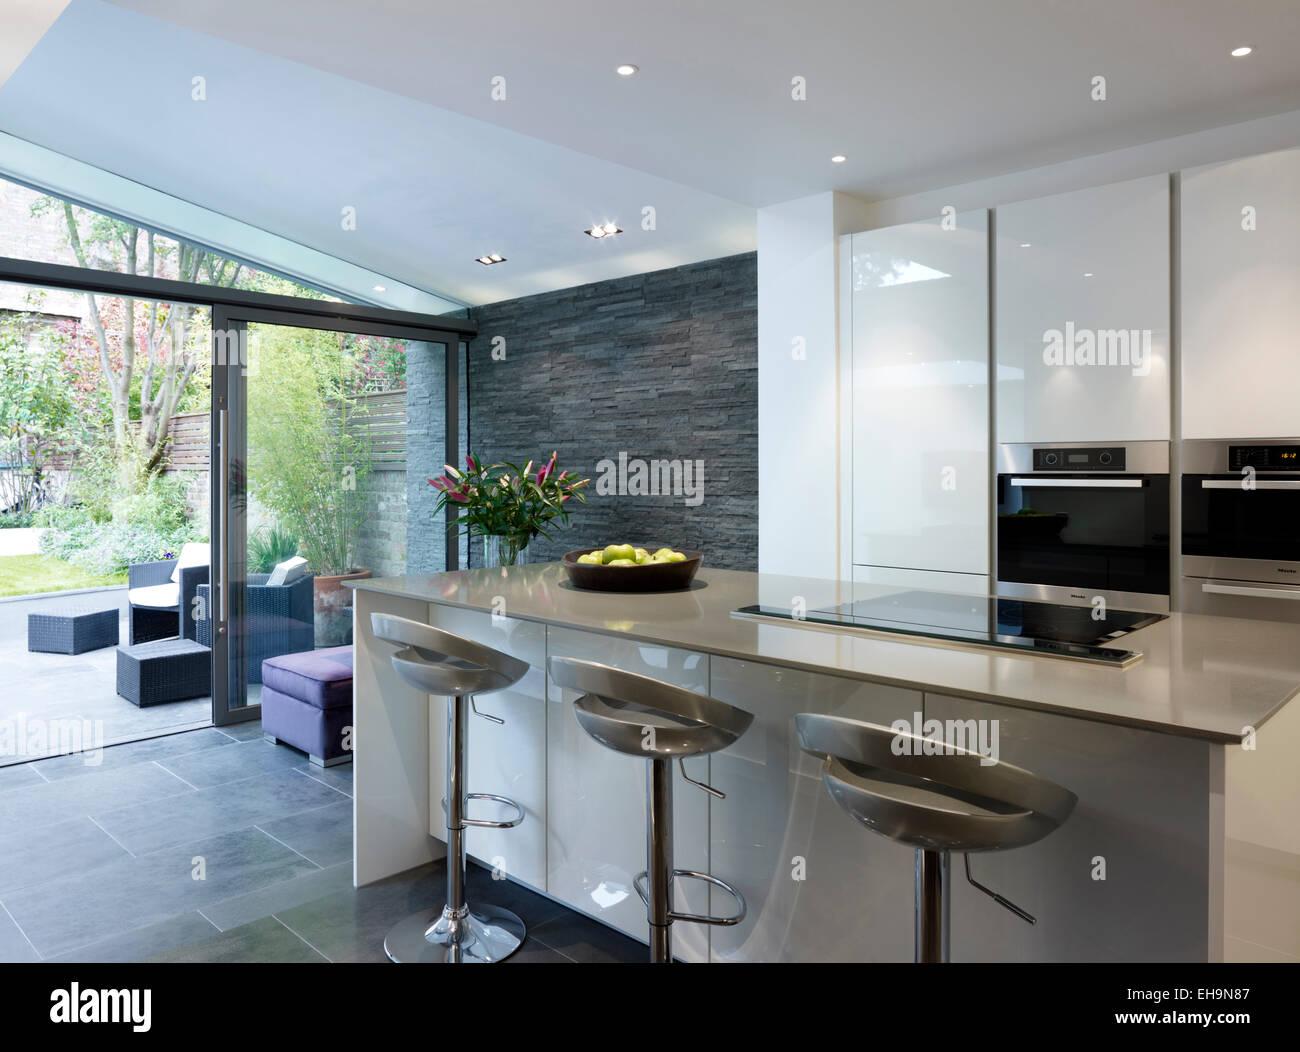 Theke Mit Hocker In Offener Küche Und Wohnbereich In Walham Grove Haus, UK